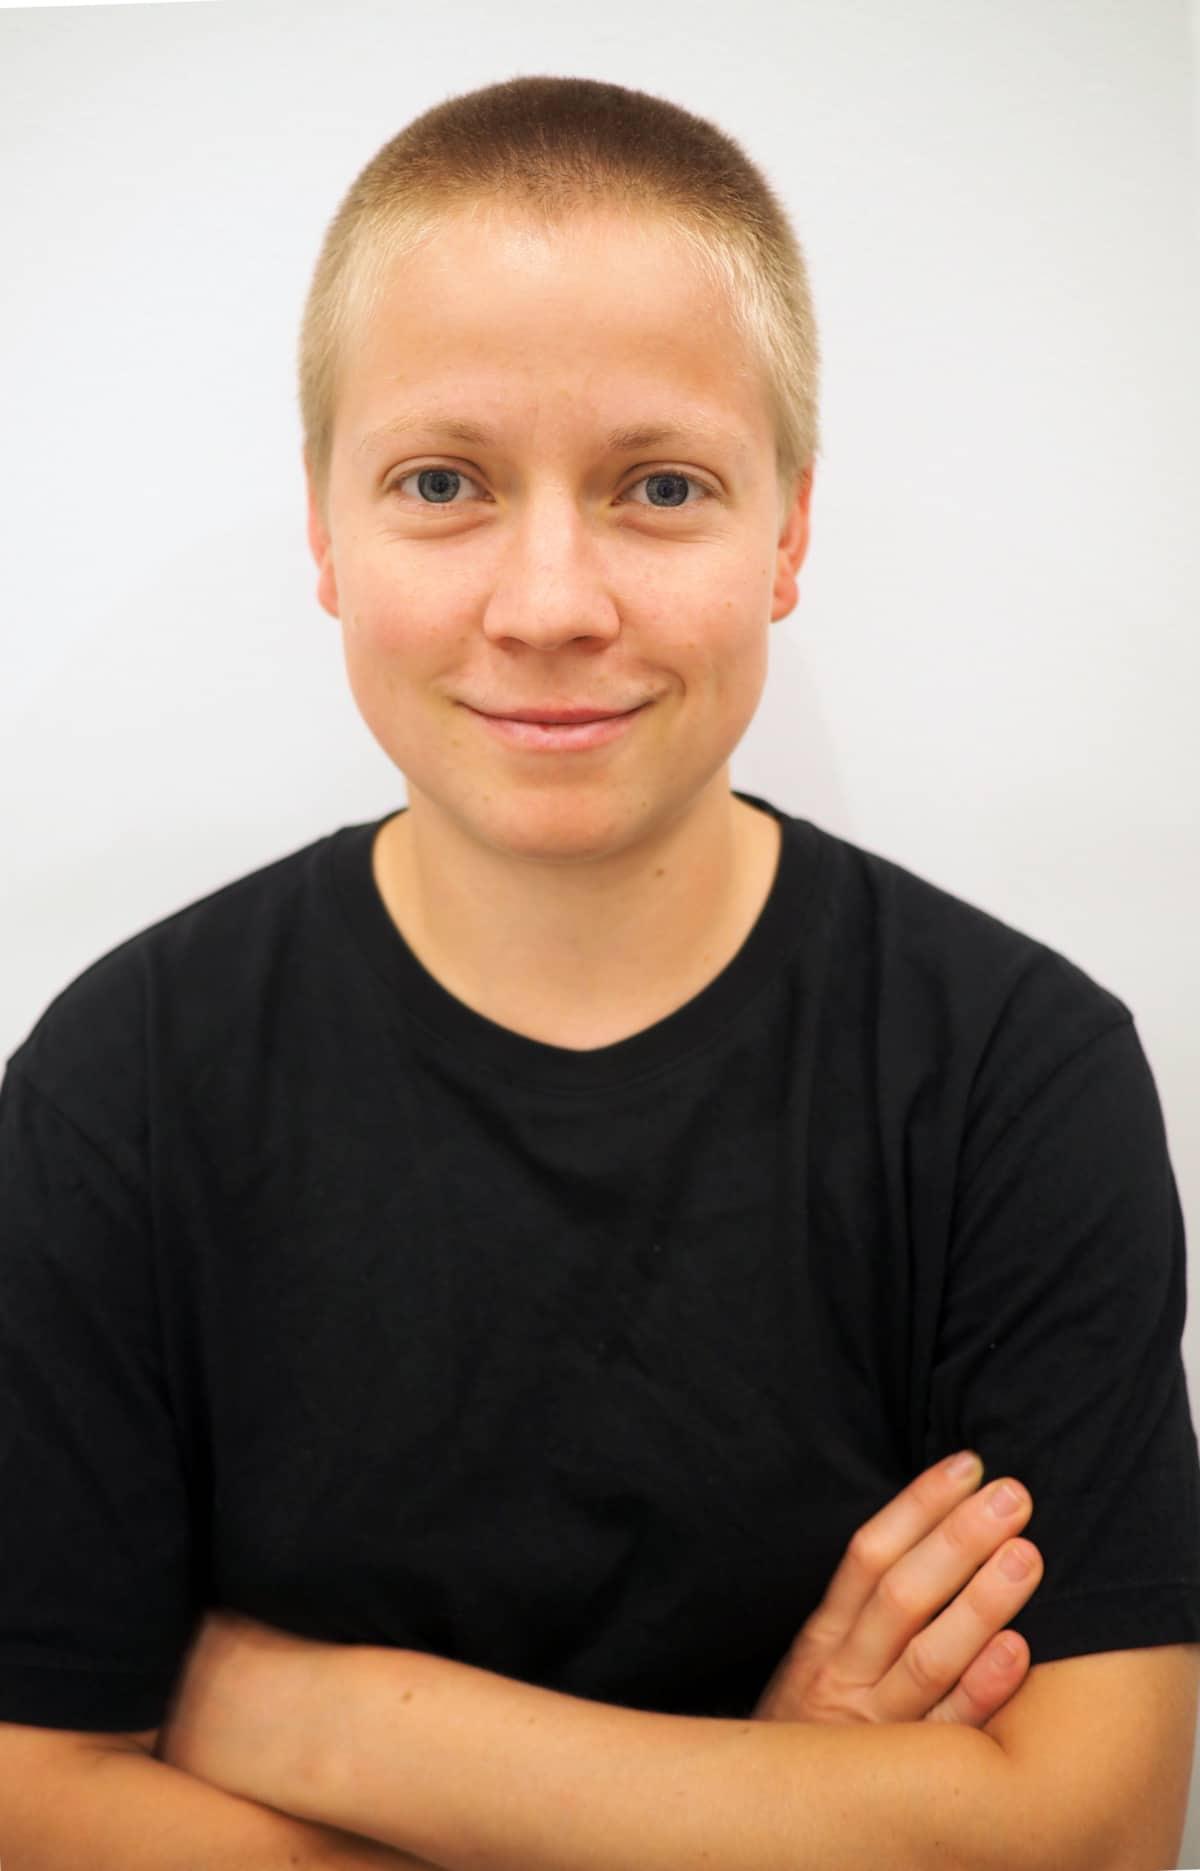 Sophia Ostner